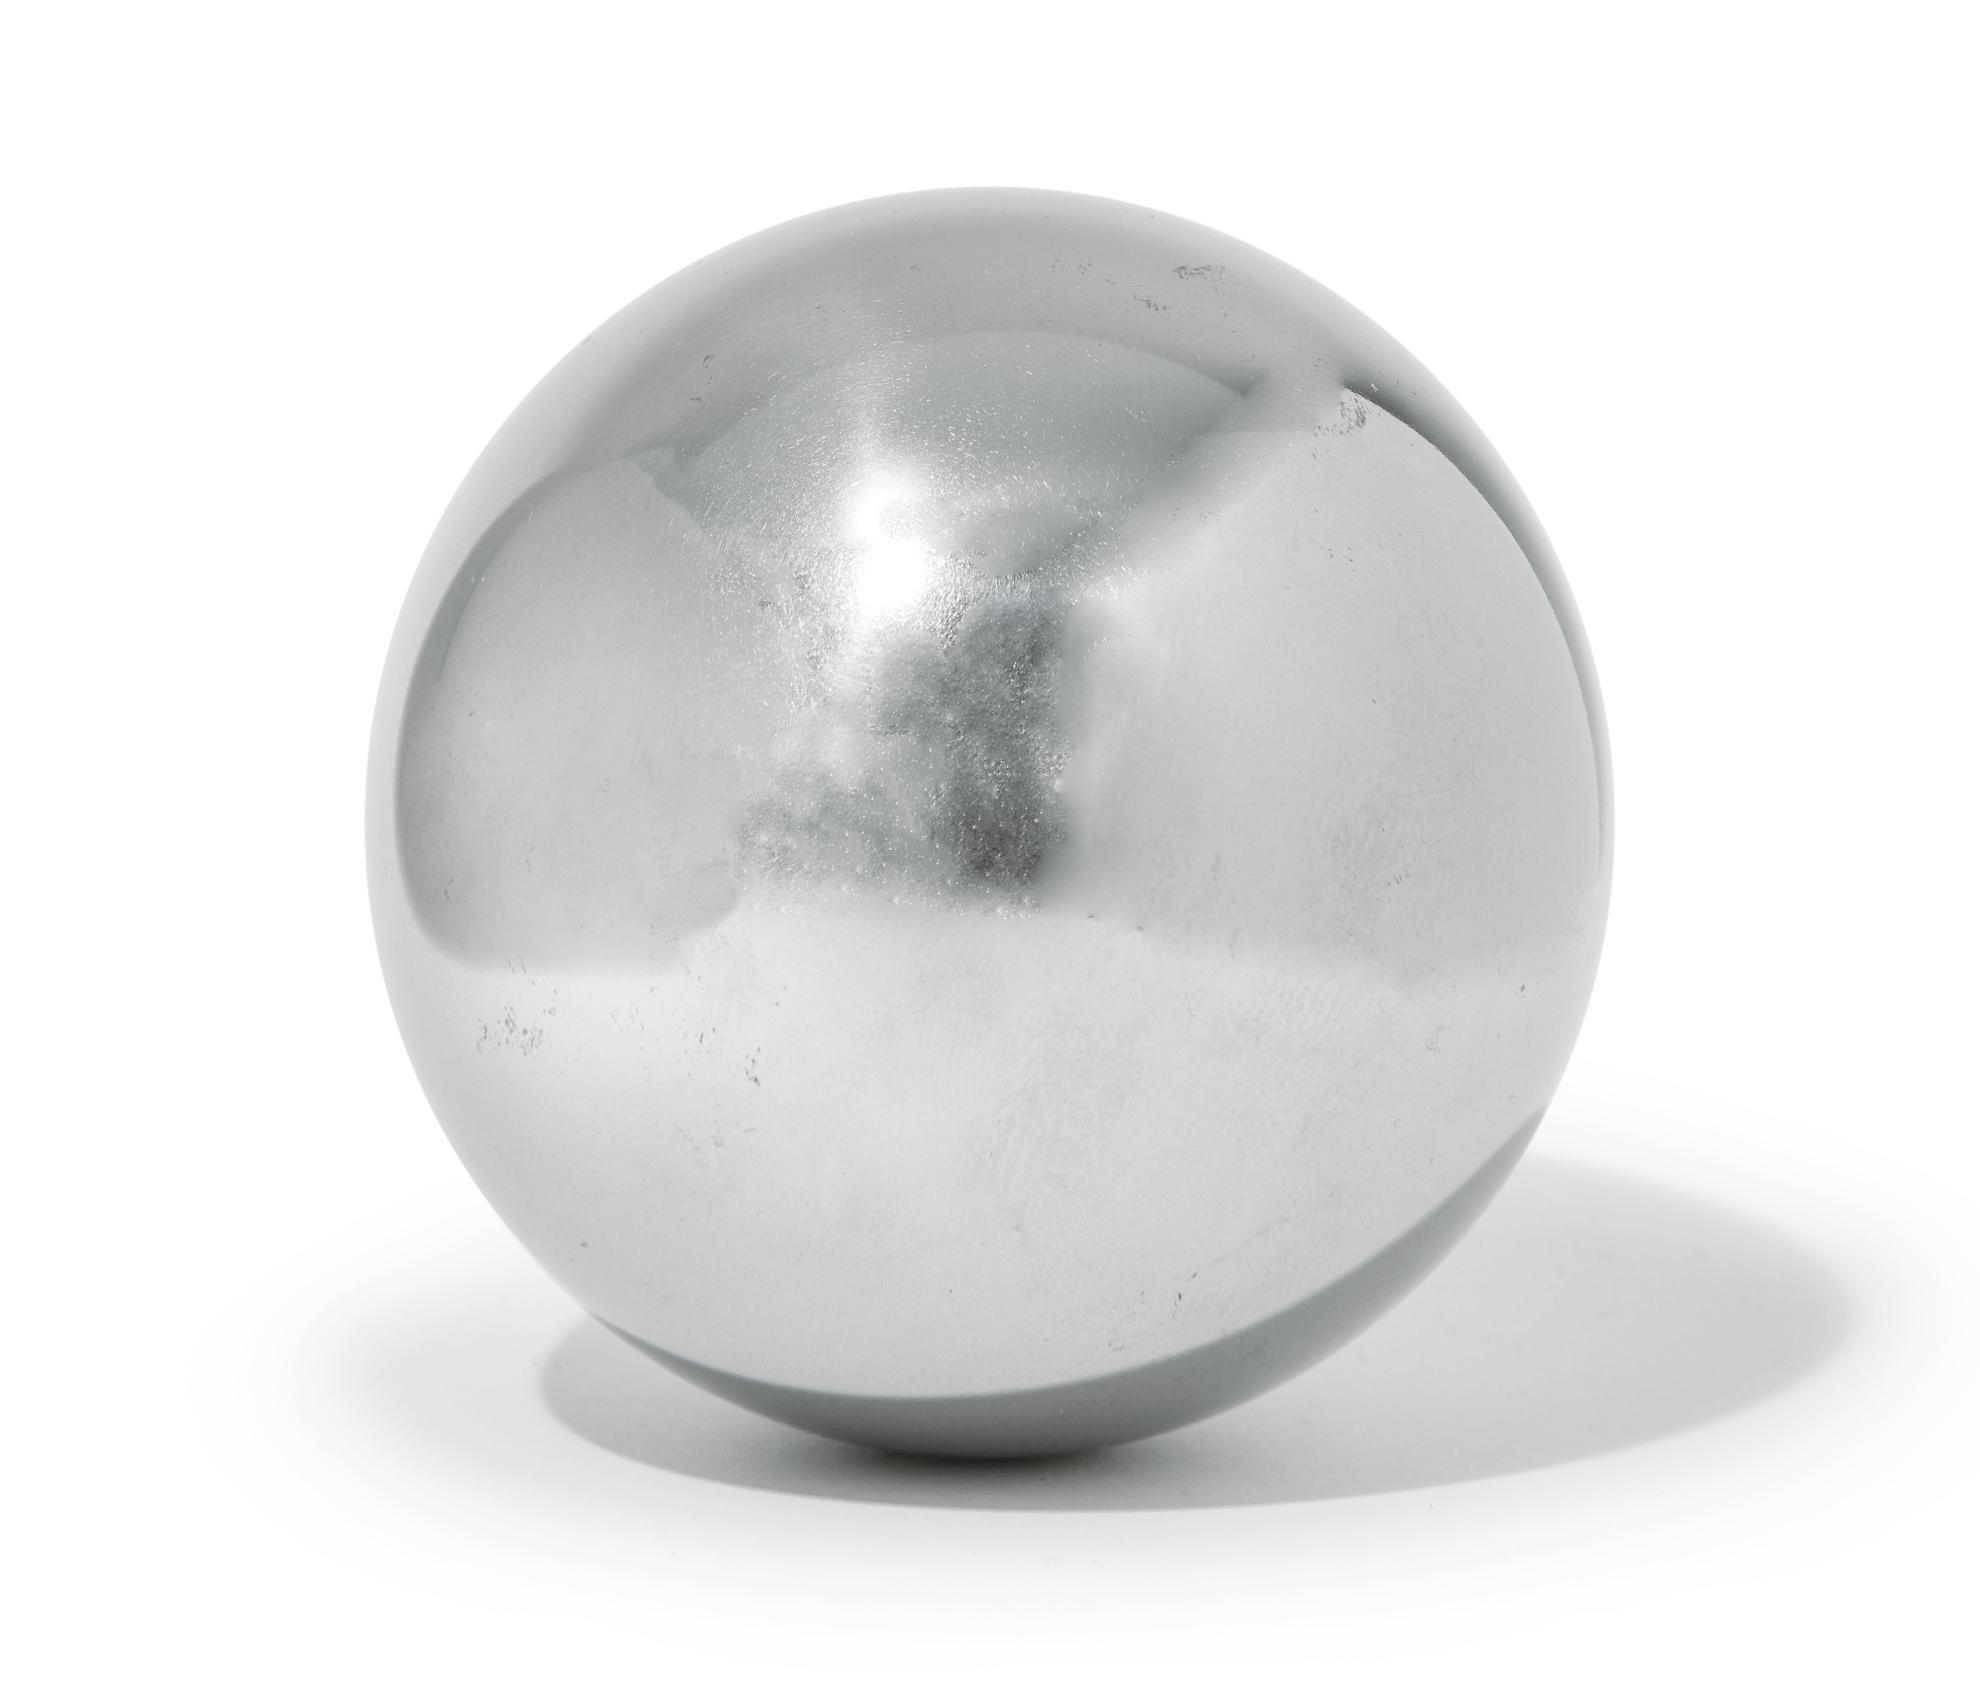 Gerhard Richter-Kugel I (Sphere I)-1989